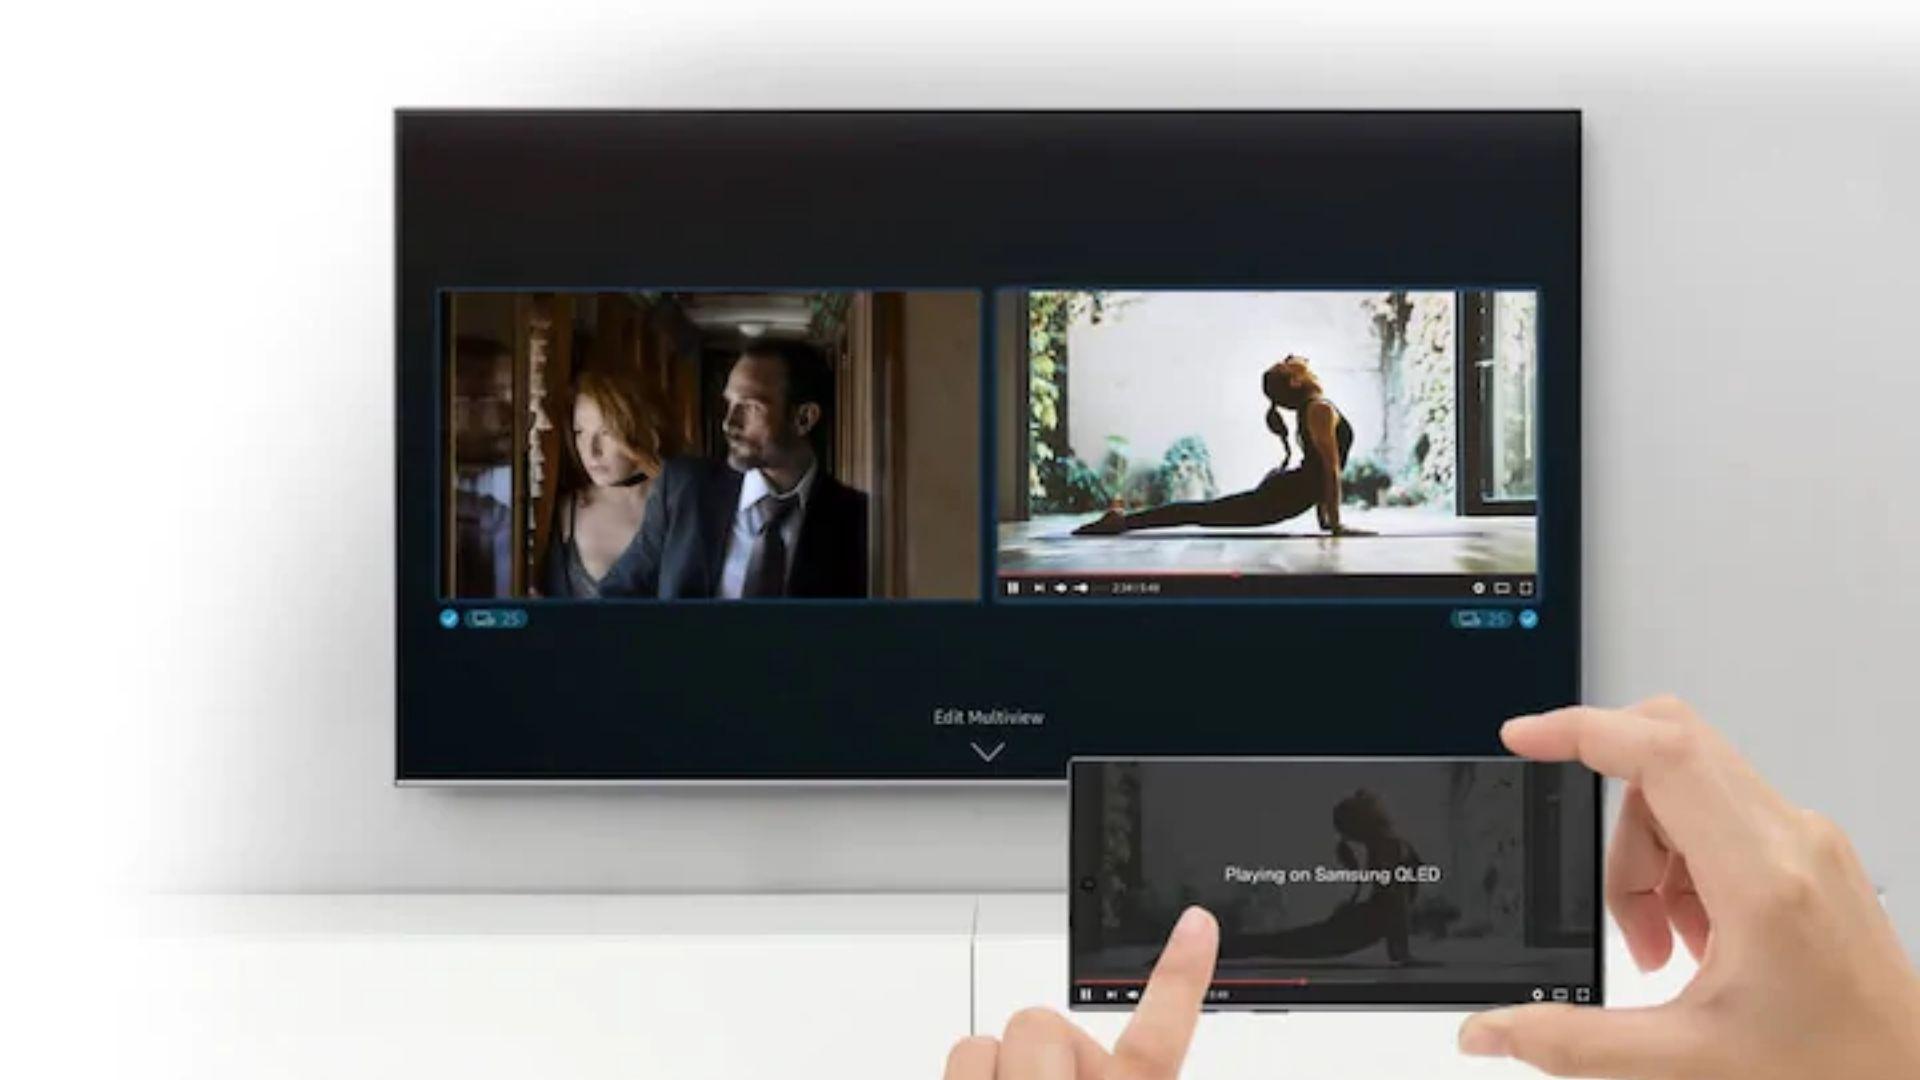 Samsung traz a função Multi Tela nesta smart TV top de linha. (Imagem: Divulgação/Samsung)